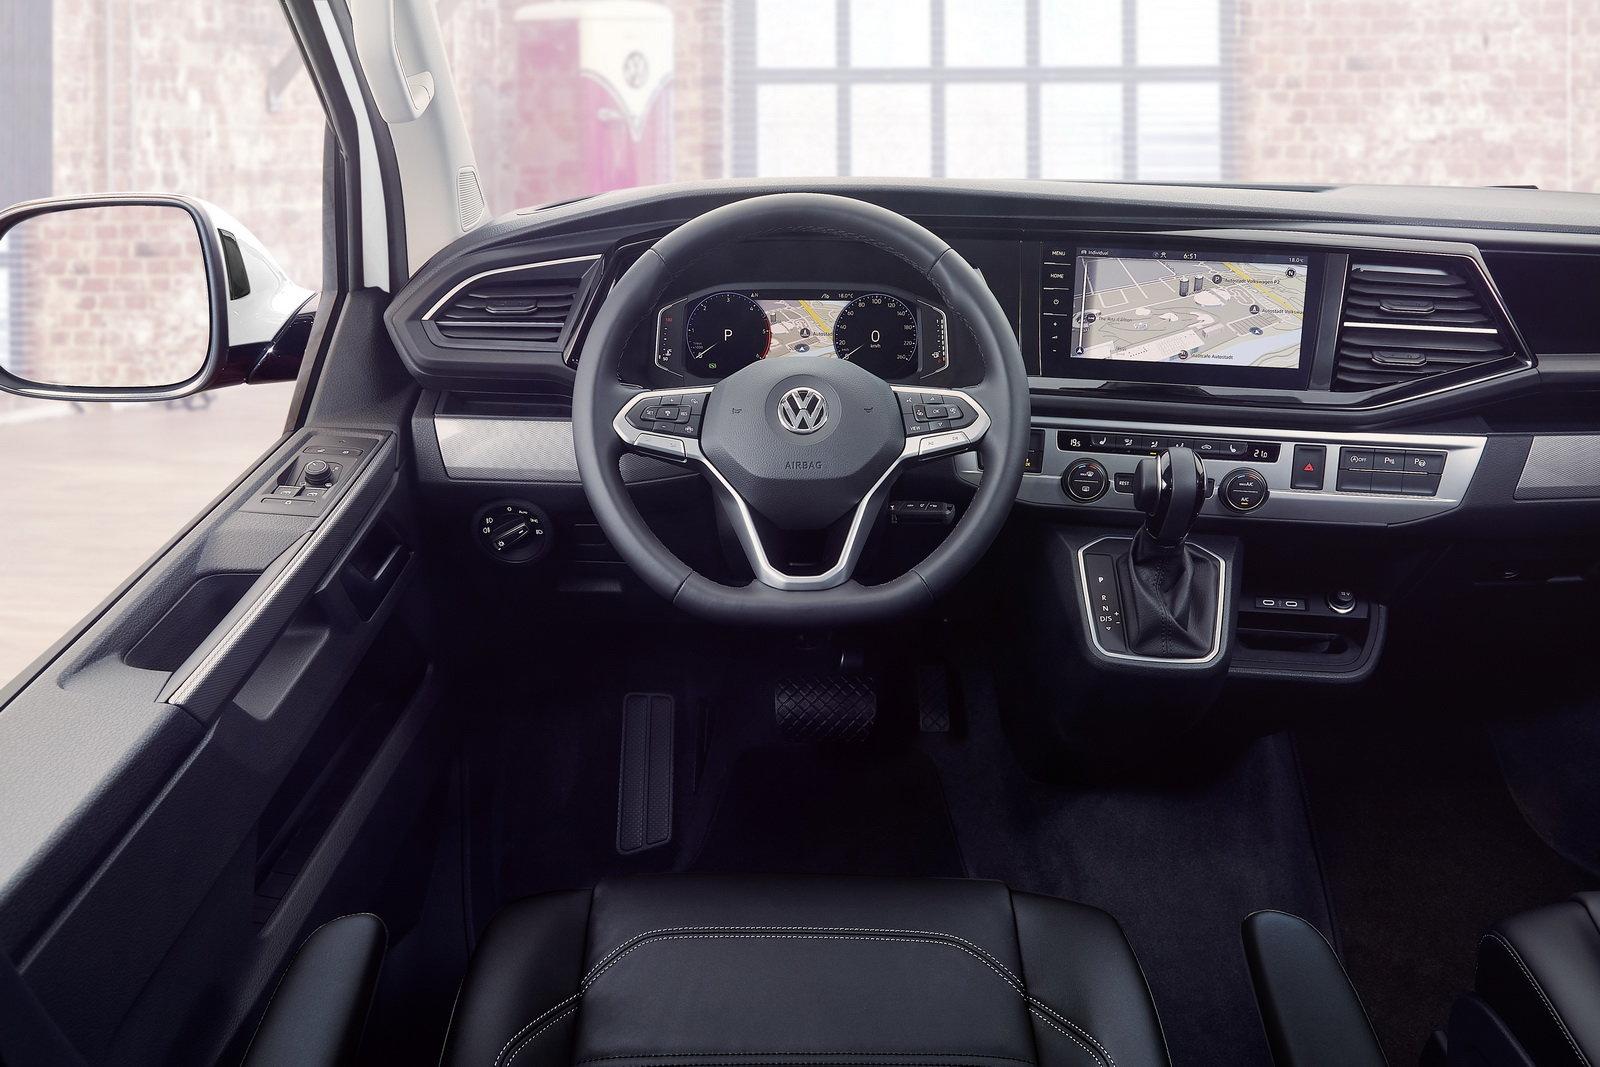 5 MARCE CAMBIO FRIZIONE 02z-istruzioni di riparazione VW Transporter t6 15 />